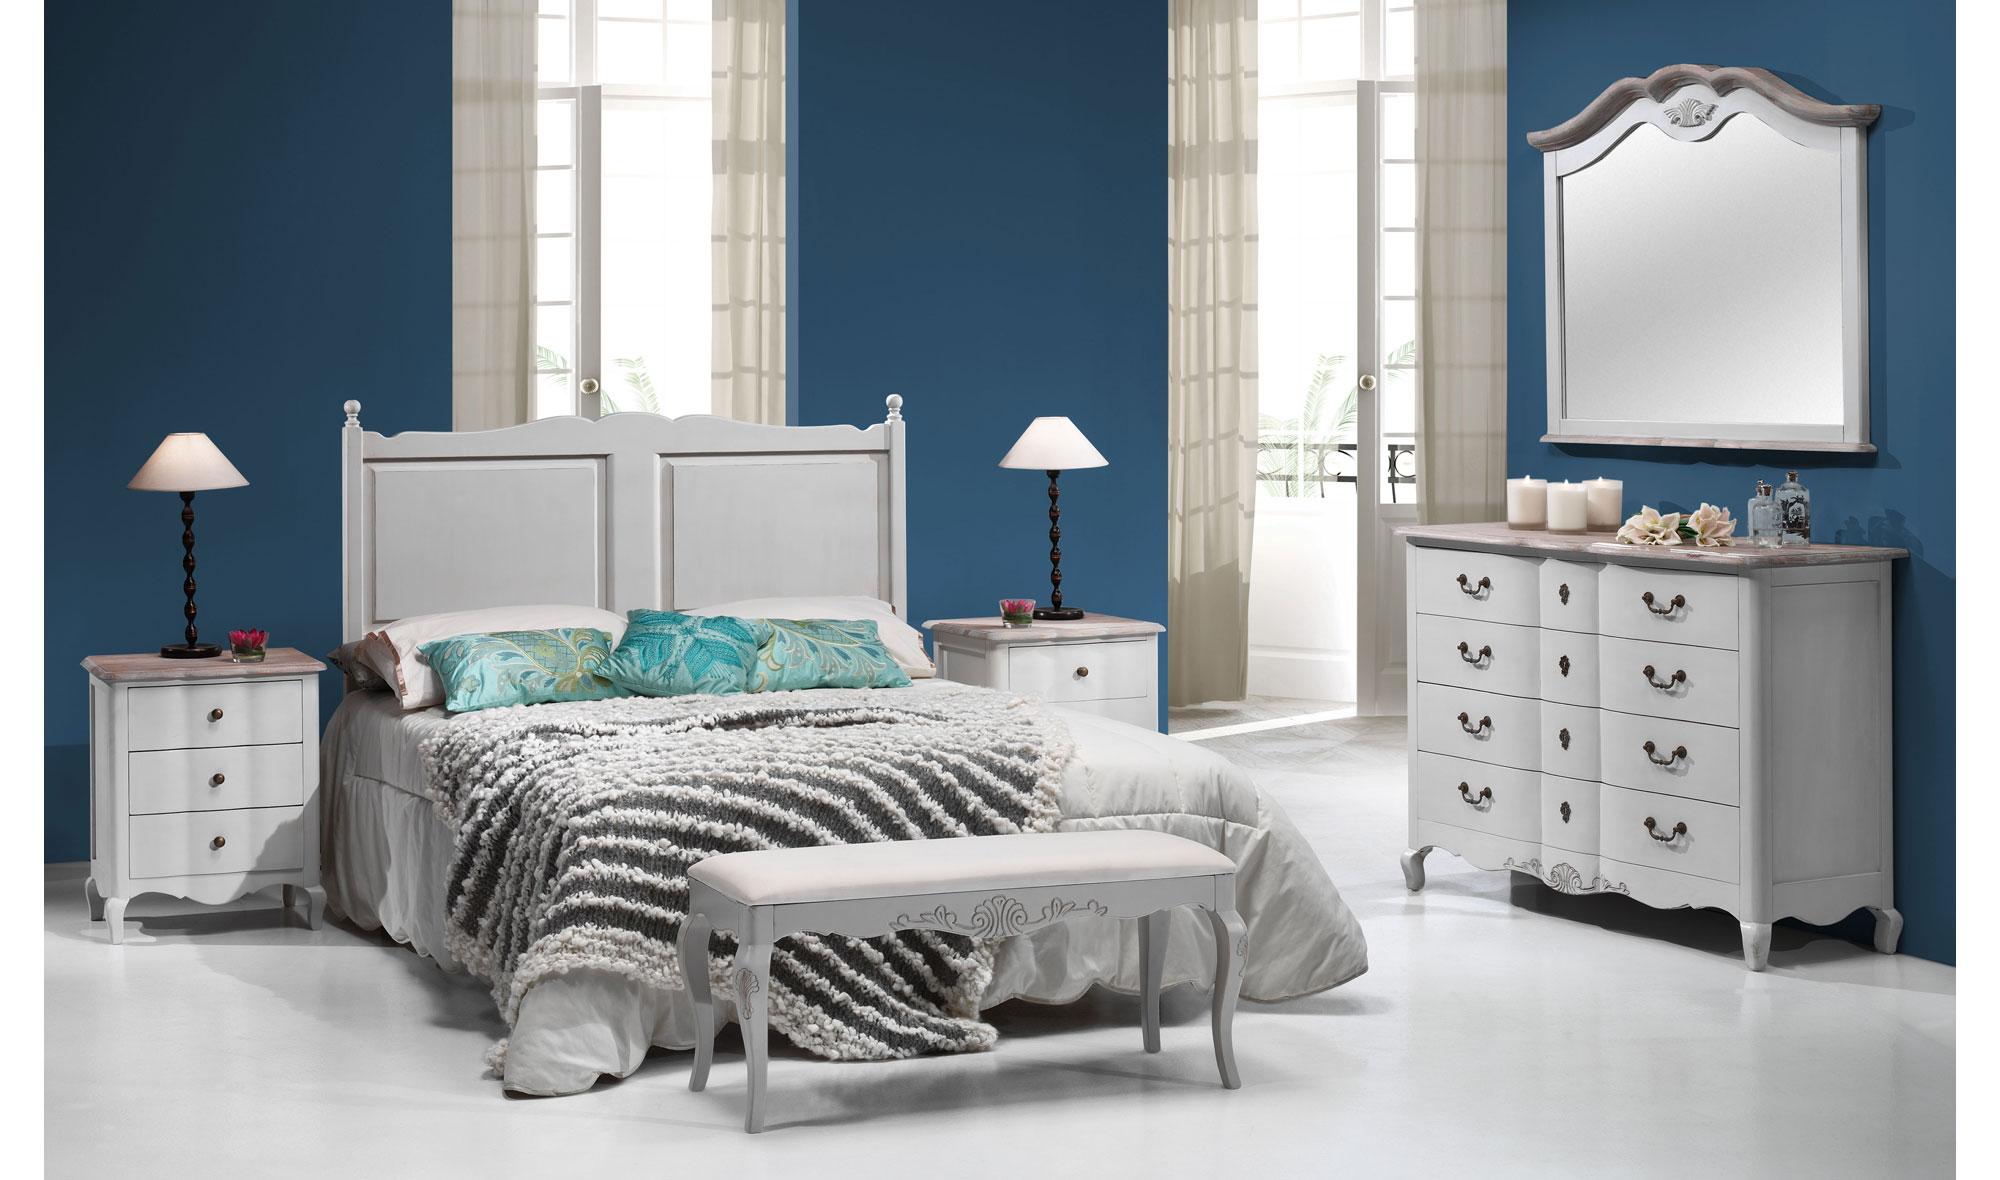 Dormitorio vintage avignon en - Dormitorios vintage blanco ...